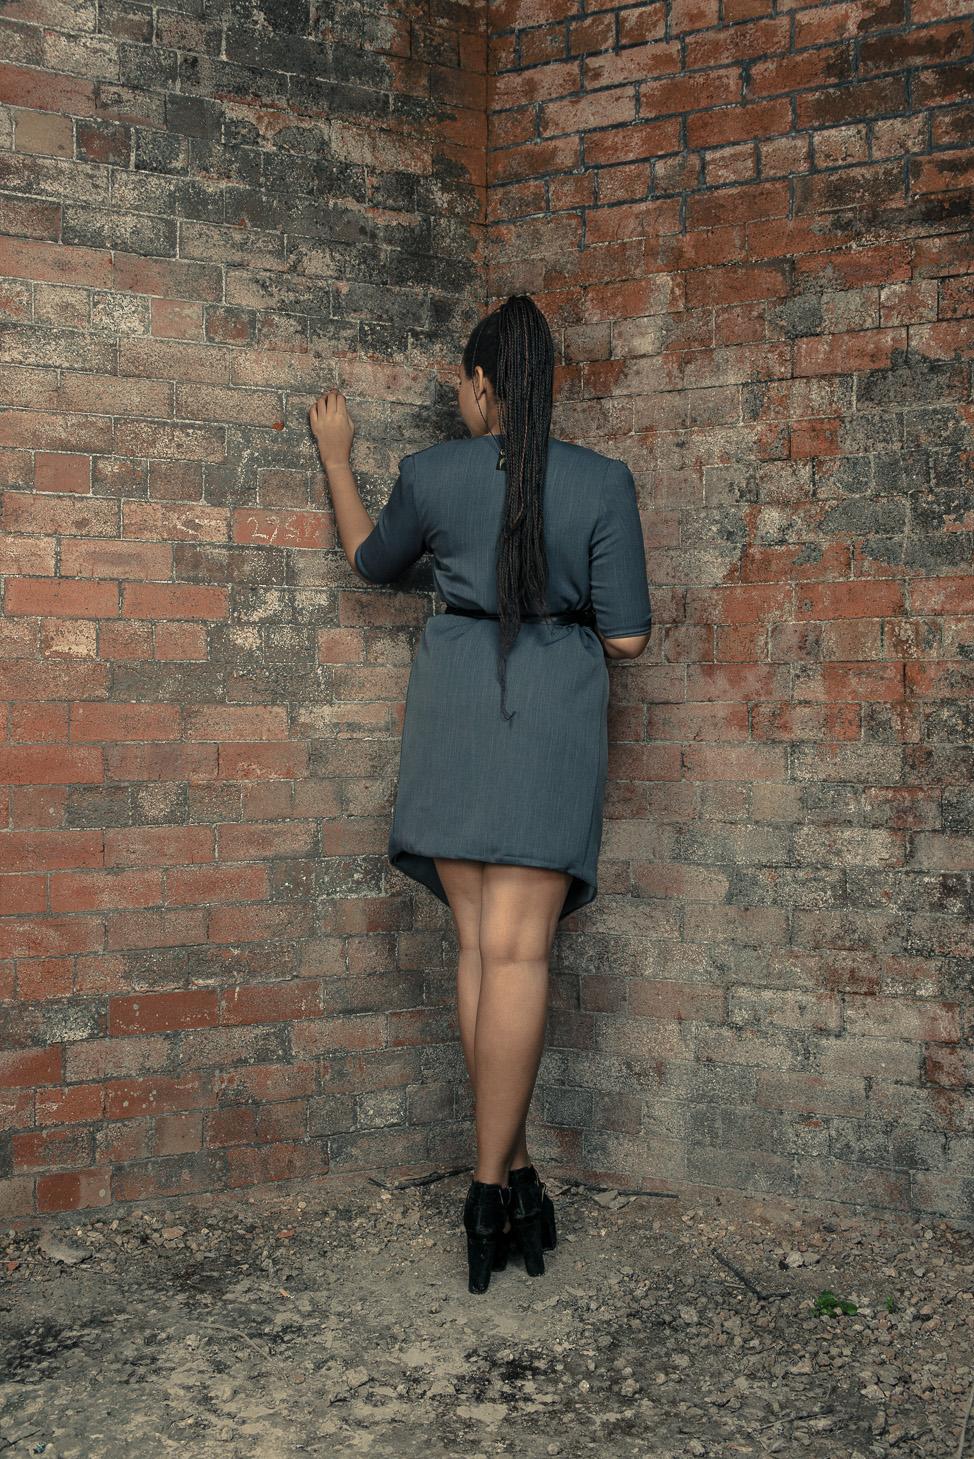 zaramia-ava-zaramiaava-leeds-fashion-designer-ethical-sustainable-tailored-minimalist-dress-jacket-versatile-drape-grey-bodysuit-black-obi-belt-wrap-cowl-styling-womenswear-models-photoshoot-23